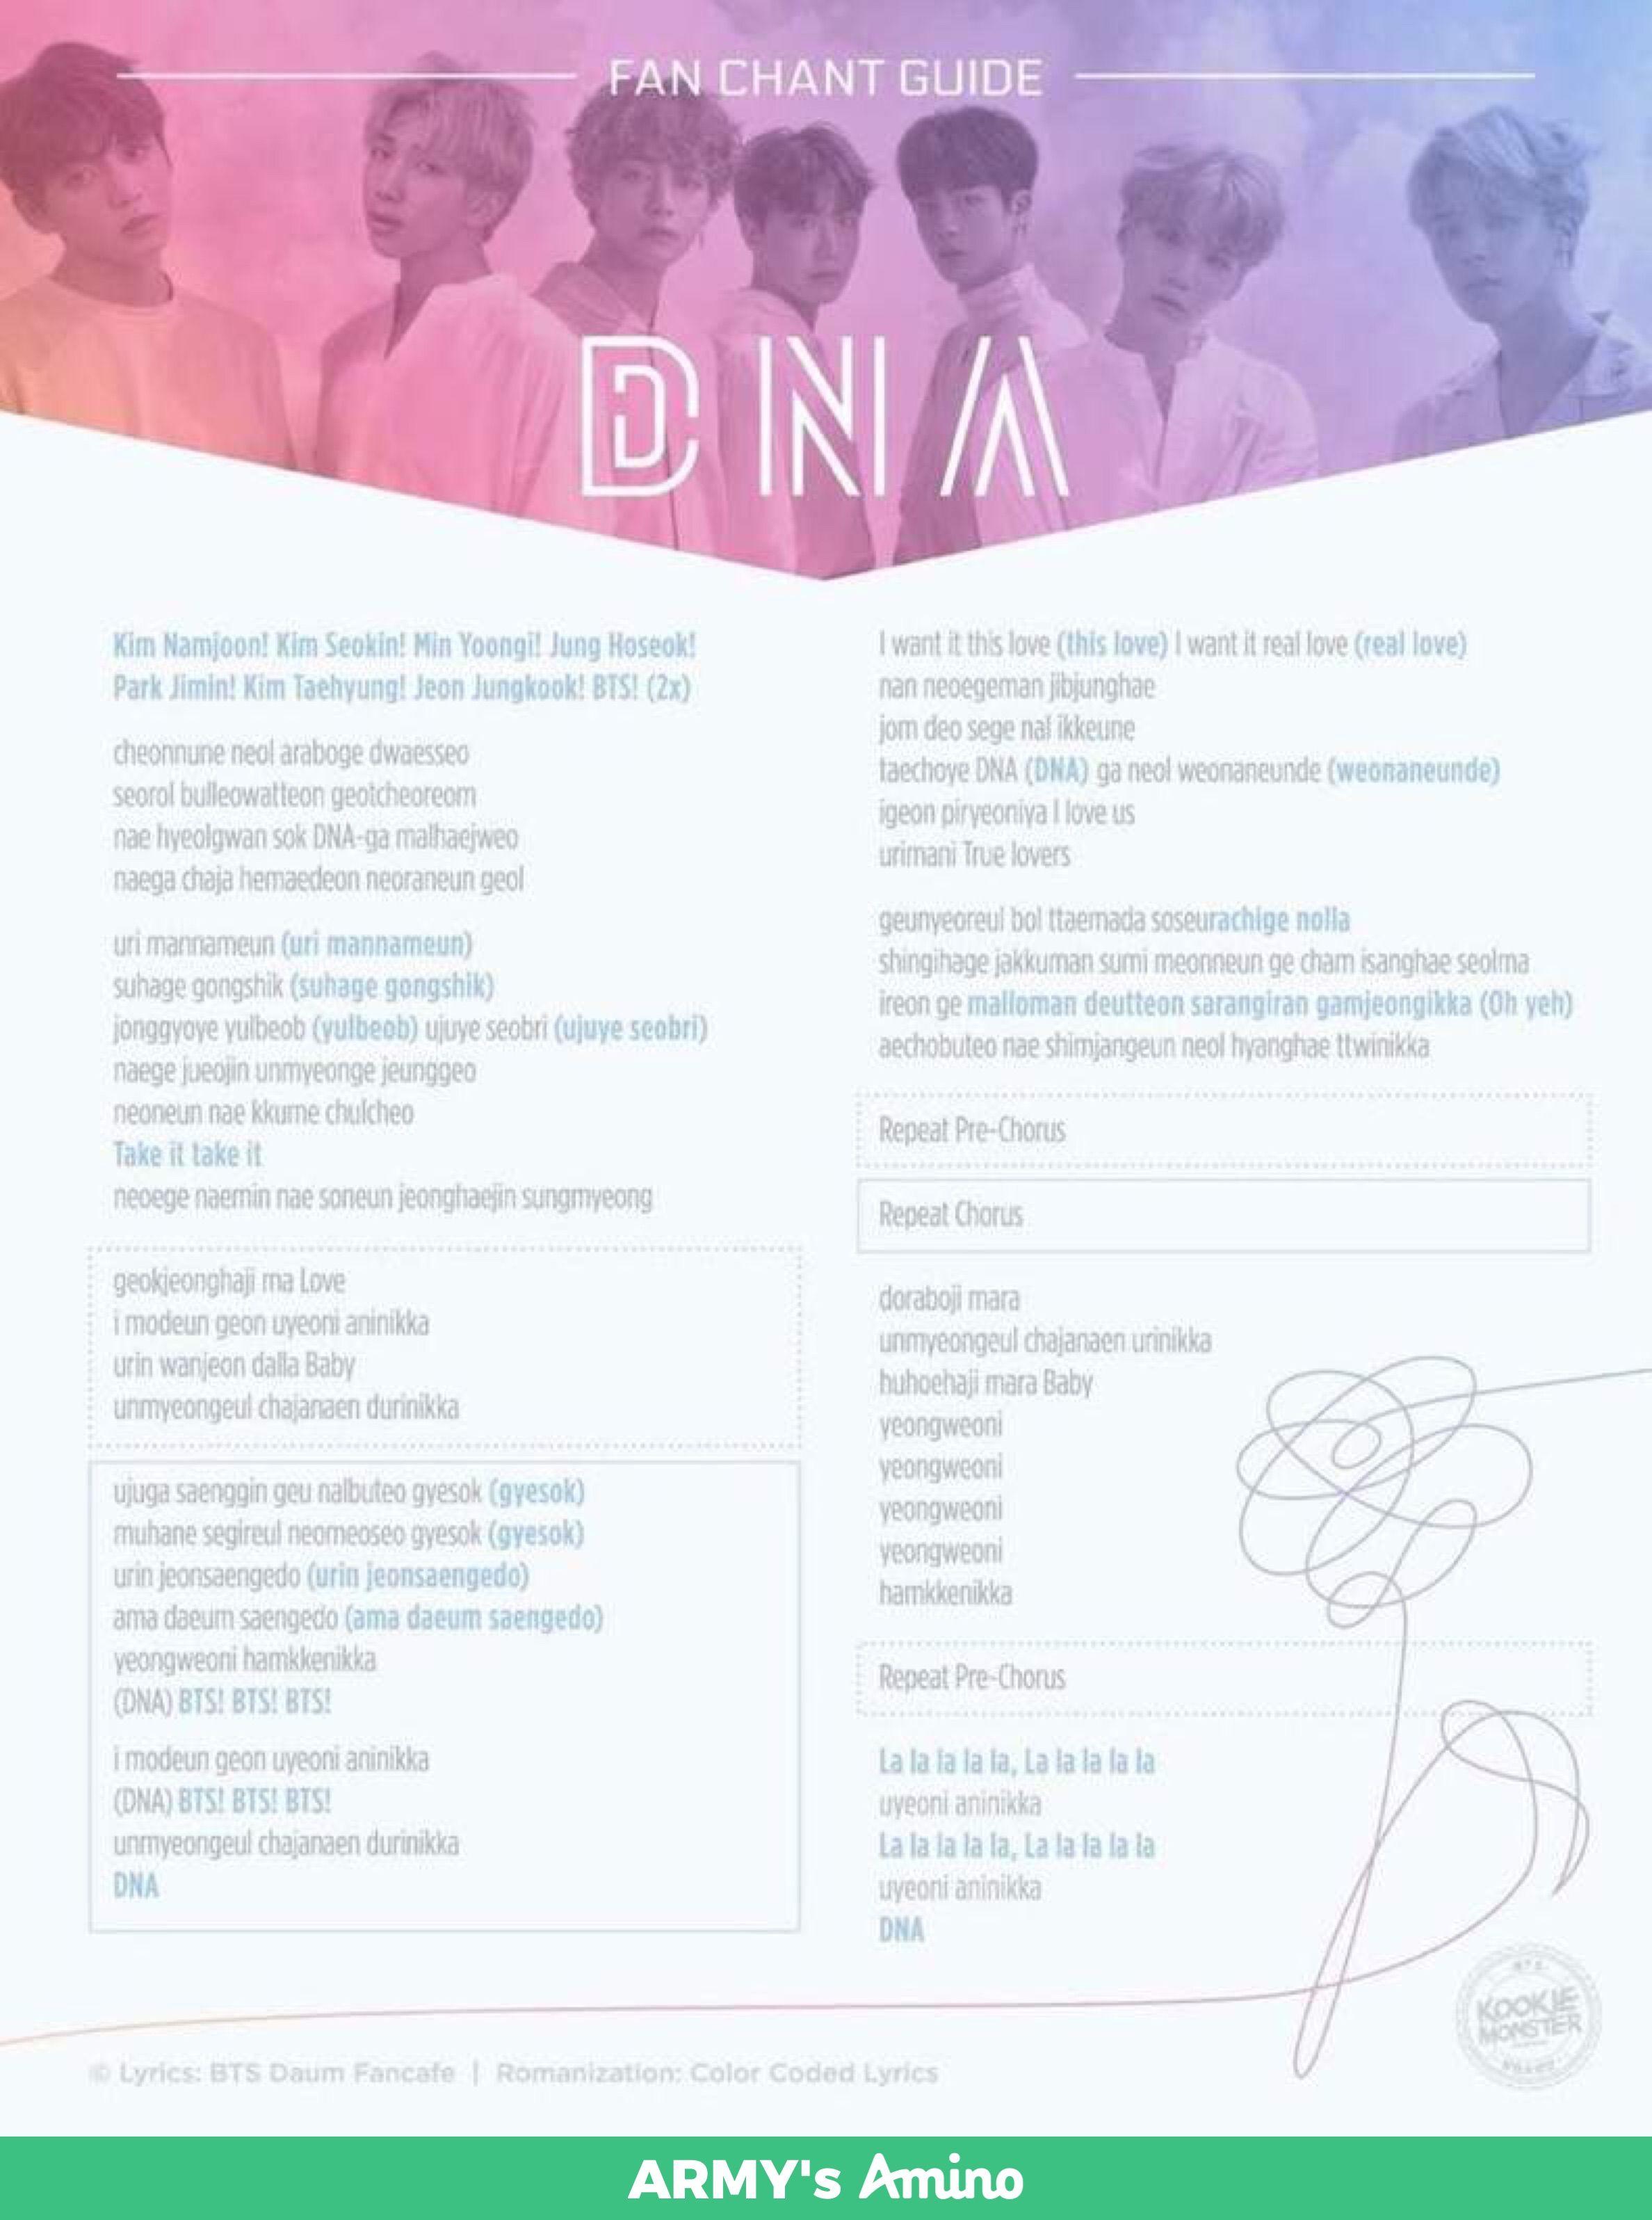 Dna Romanized Lyrics : romanized, lyrics, Princess_bby, Wallpaper, Lyrics,, Lyric